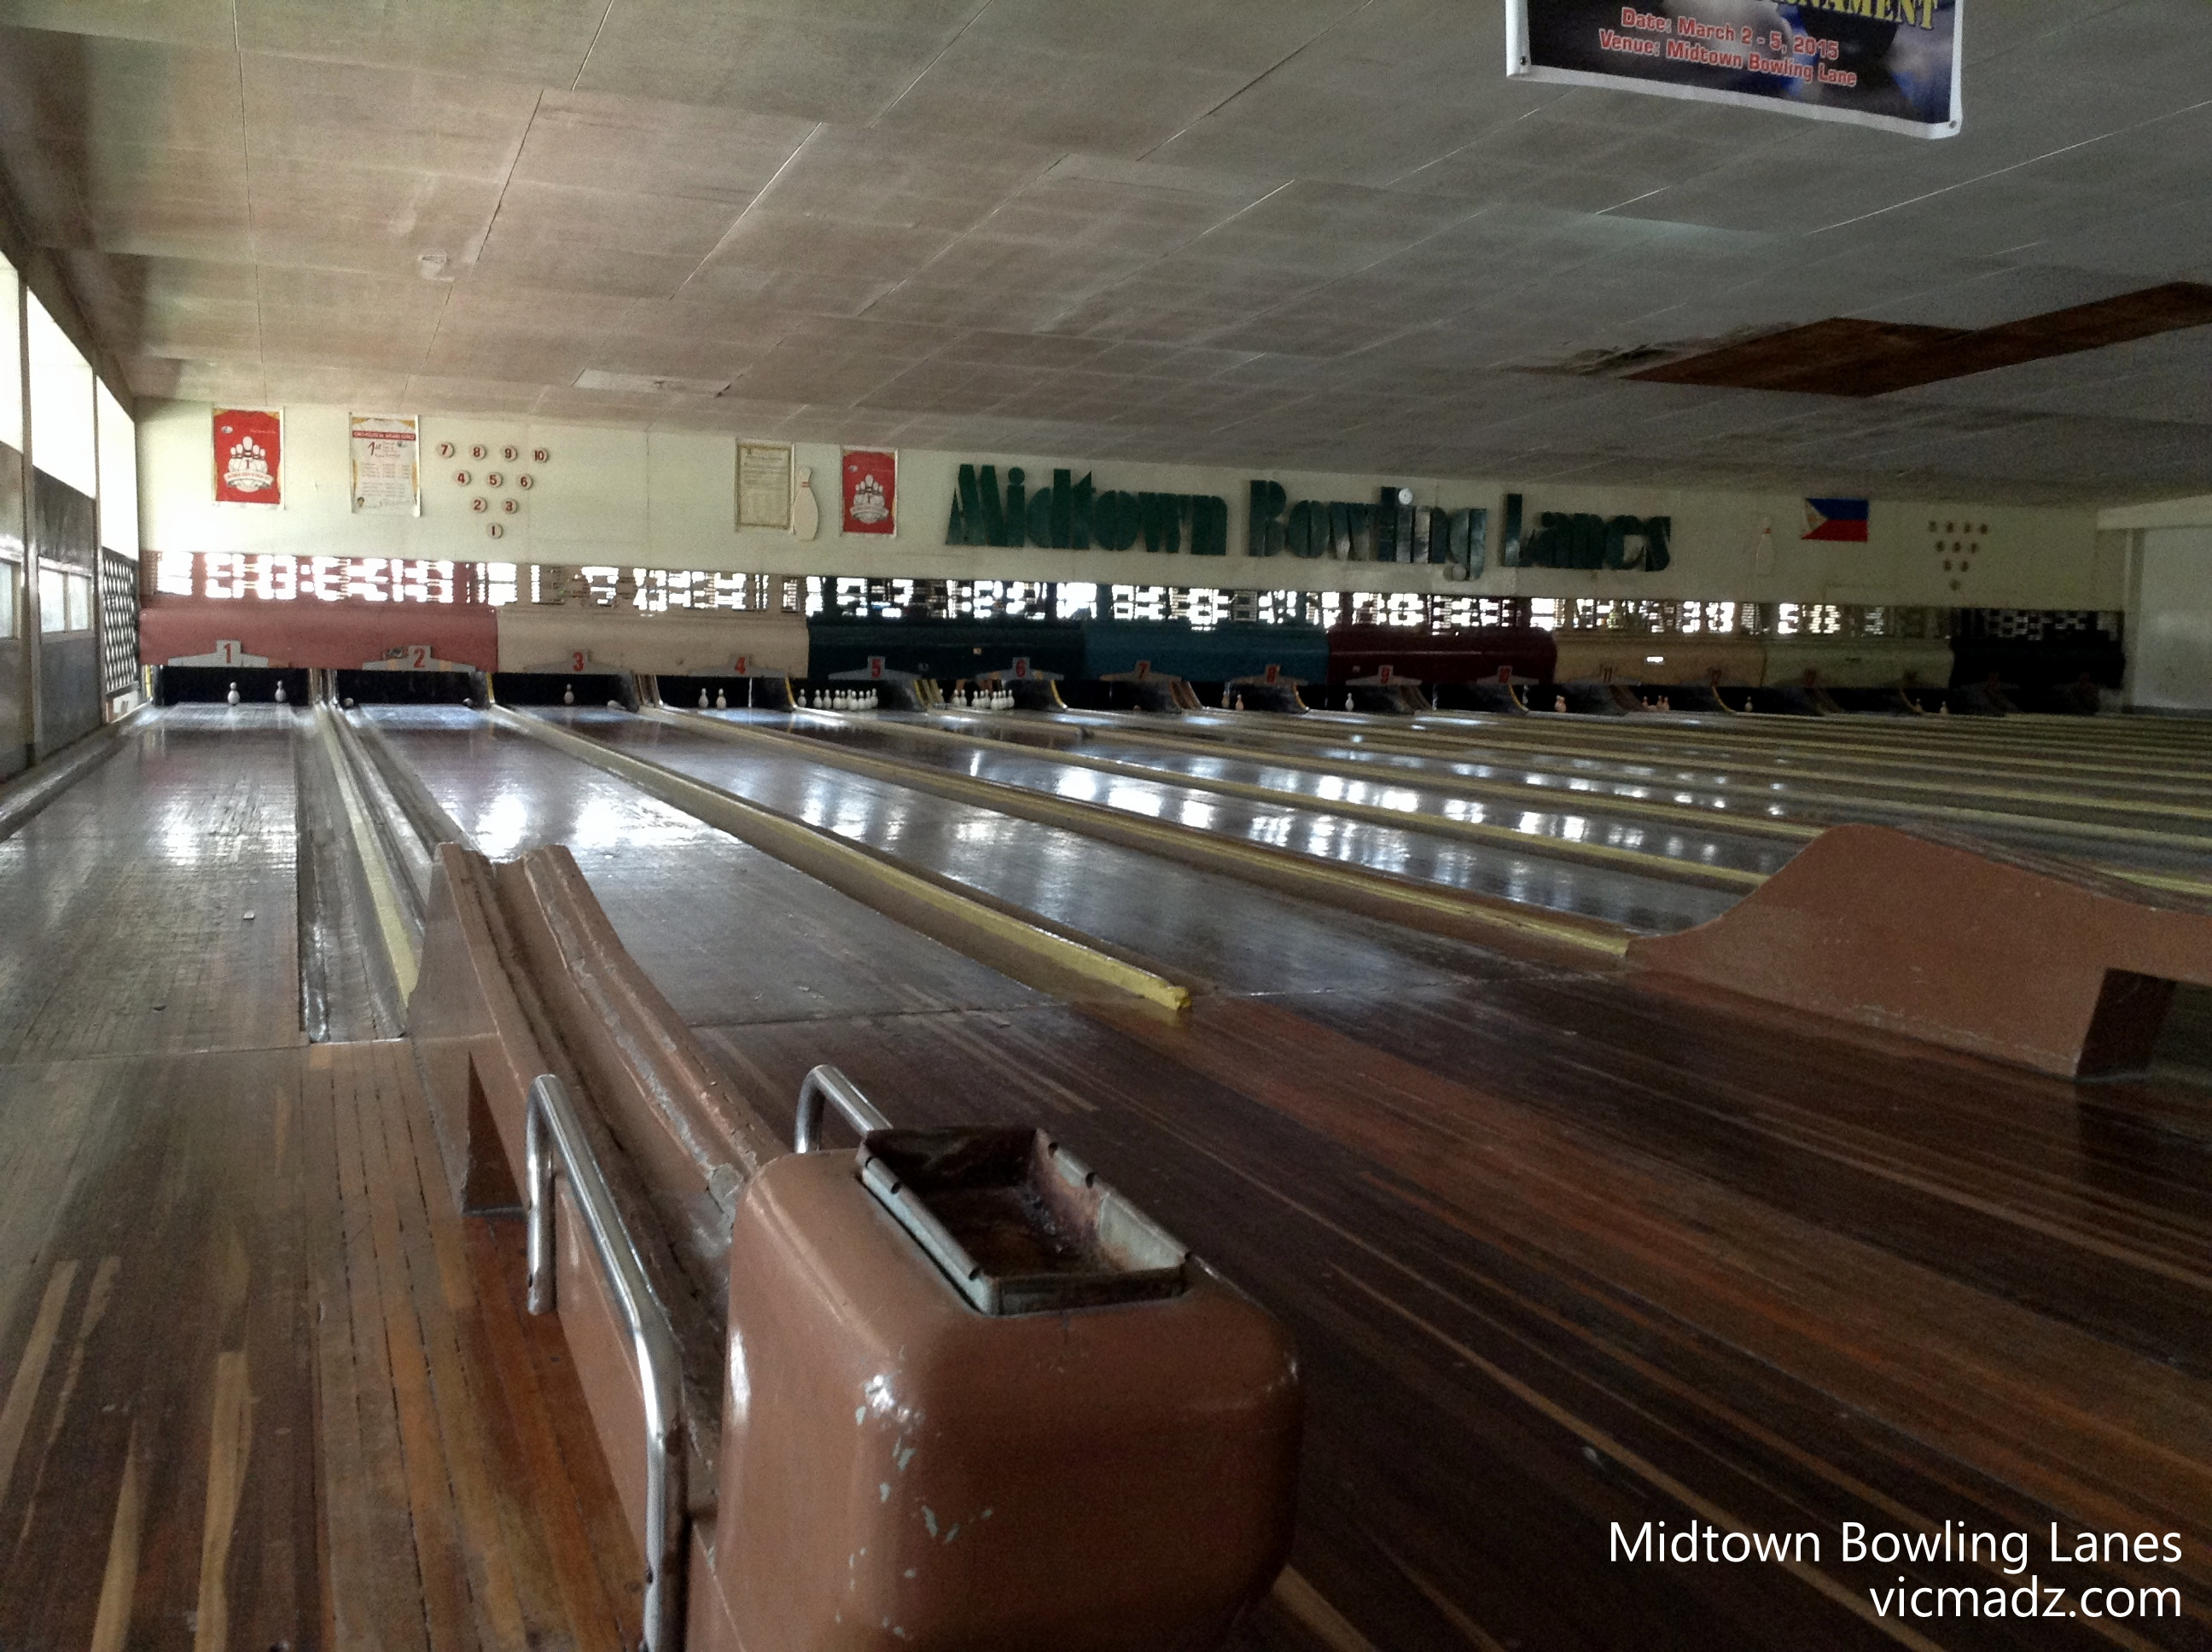 Midtown Bowling Lanes - Iligan